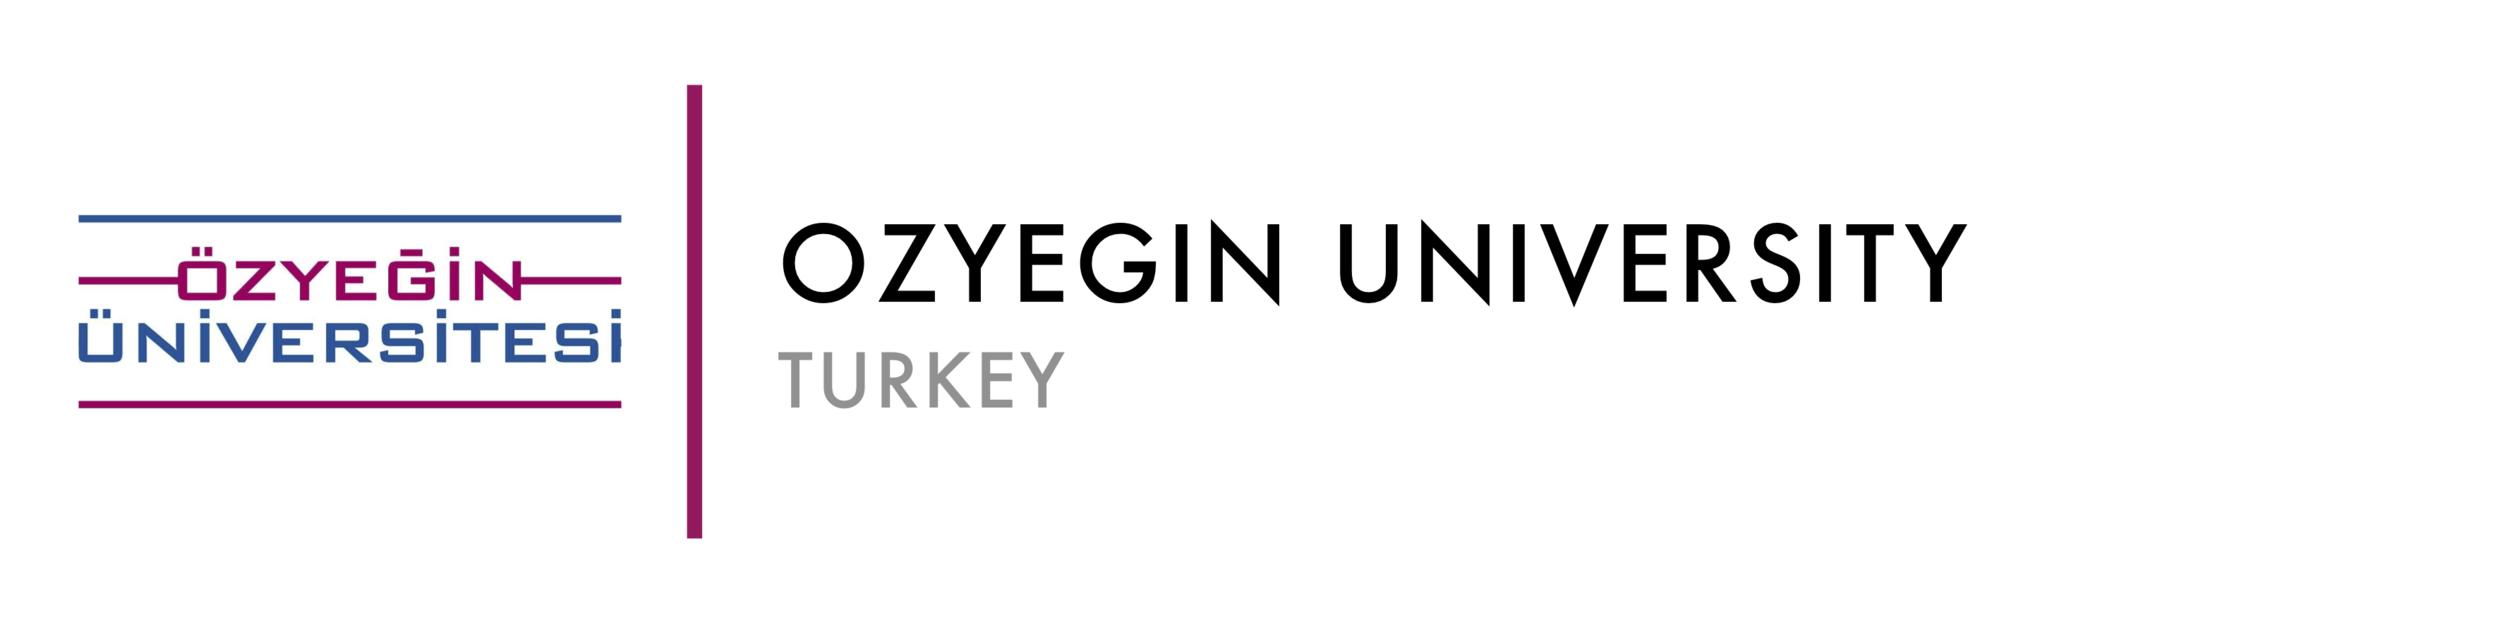 OZYEGIN.png